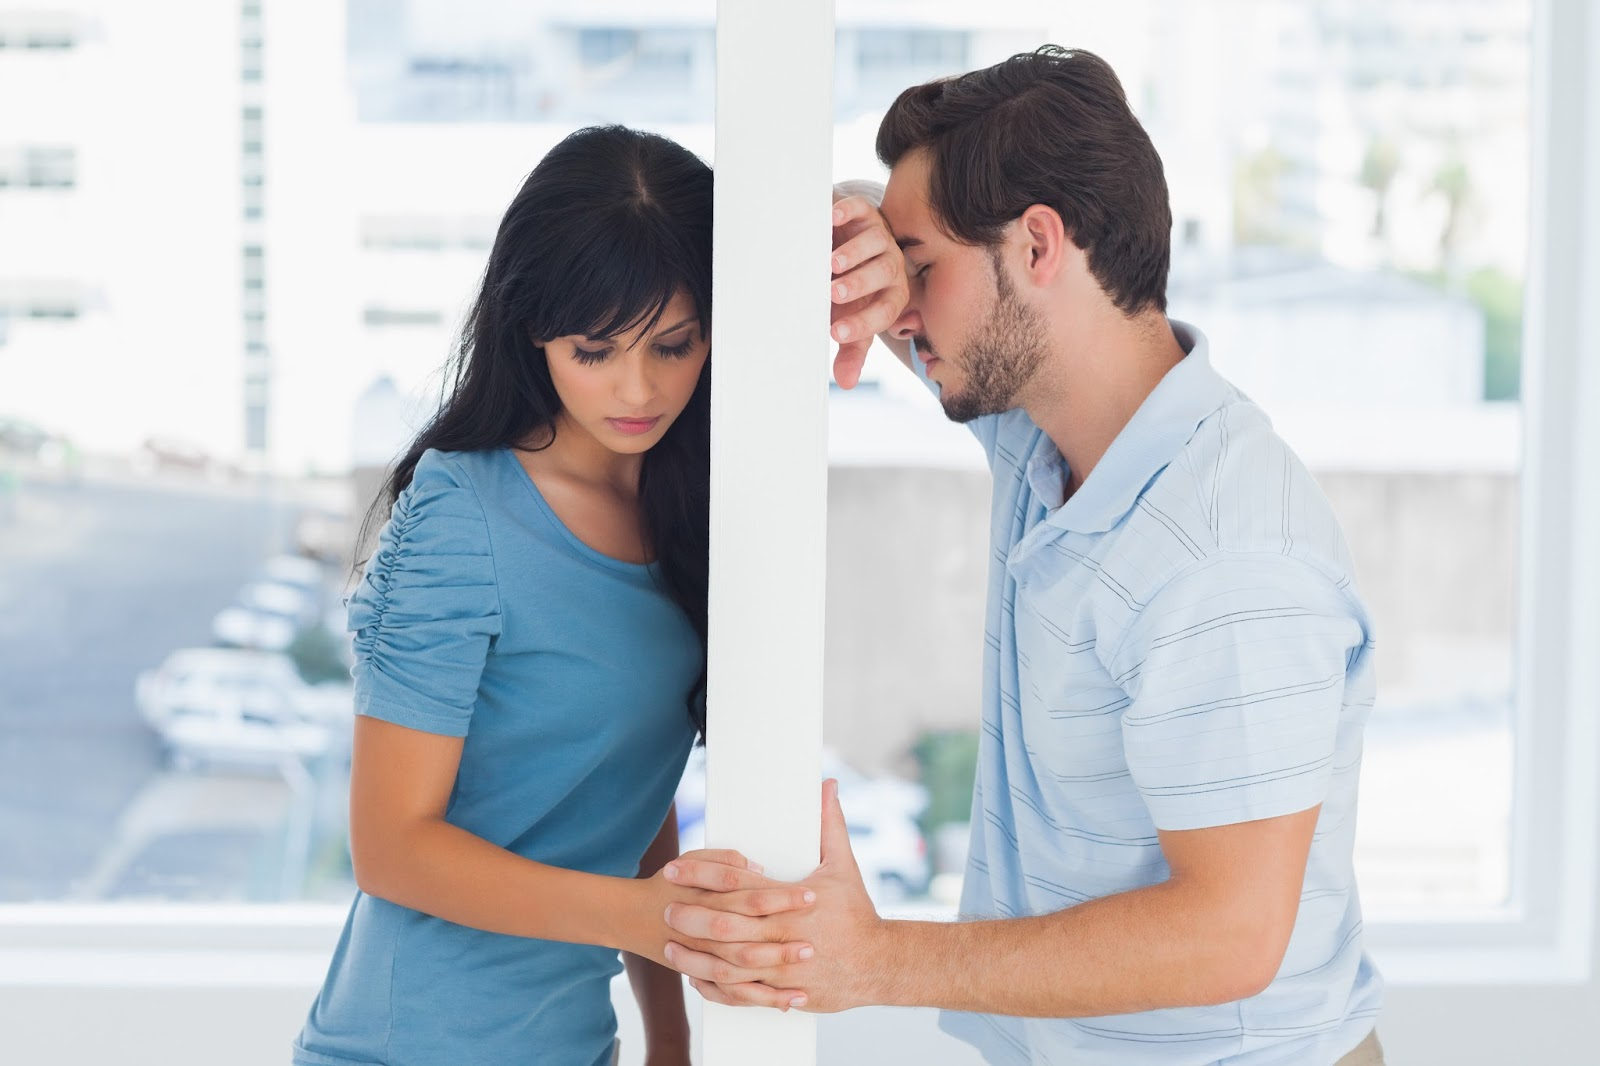 как вернуть жену как сней наладить отношения как вести с ней правильно